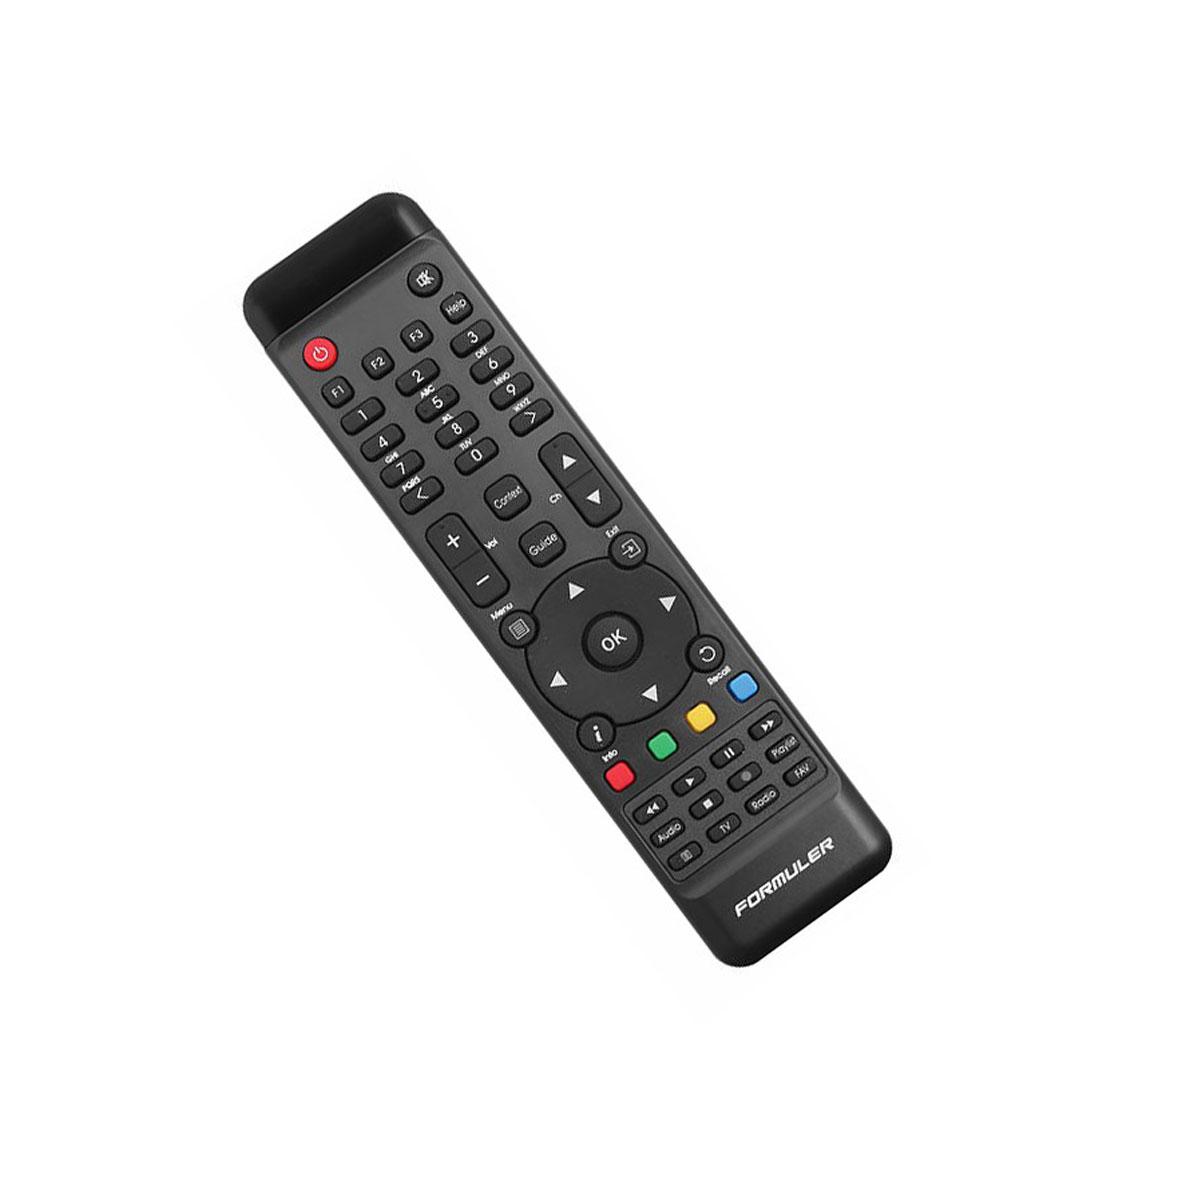 Formuler F4 Turbo Digital Sat Receiver 1x DVB-S2 Tuner Linux HDTV FullHD